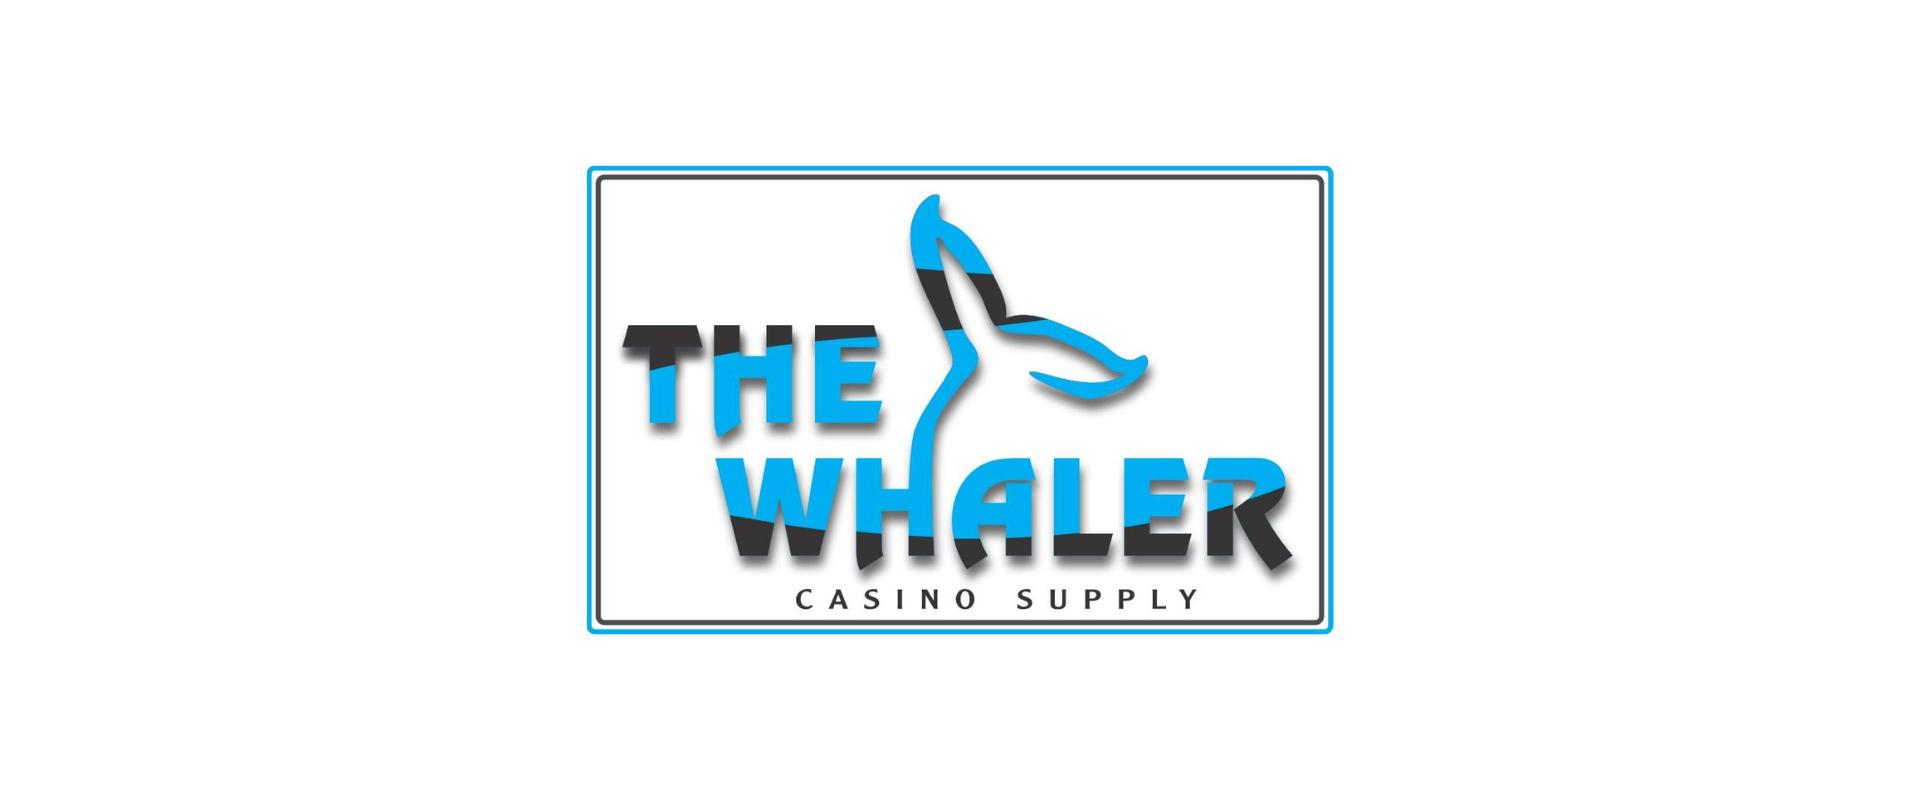 Whaler Casino Supply